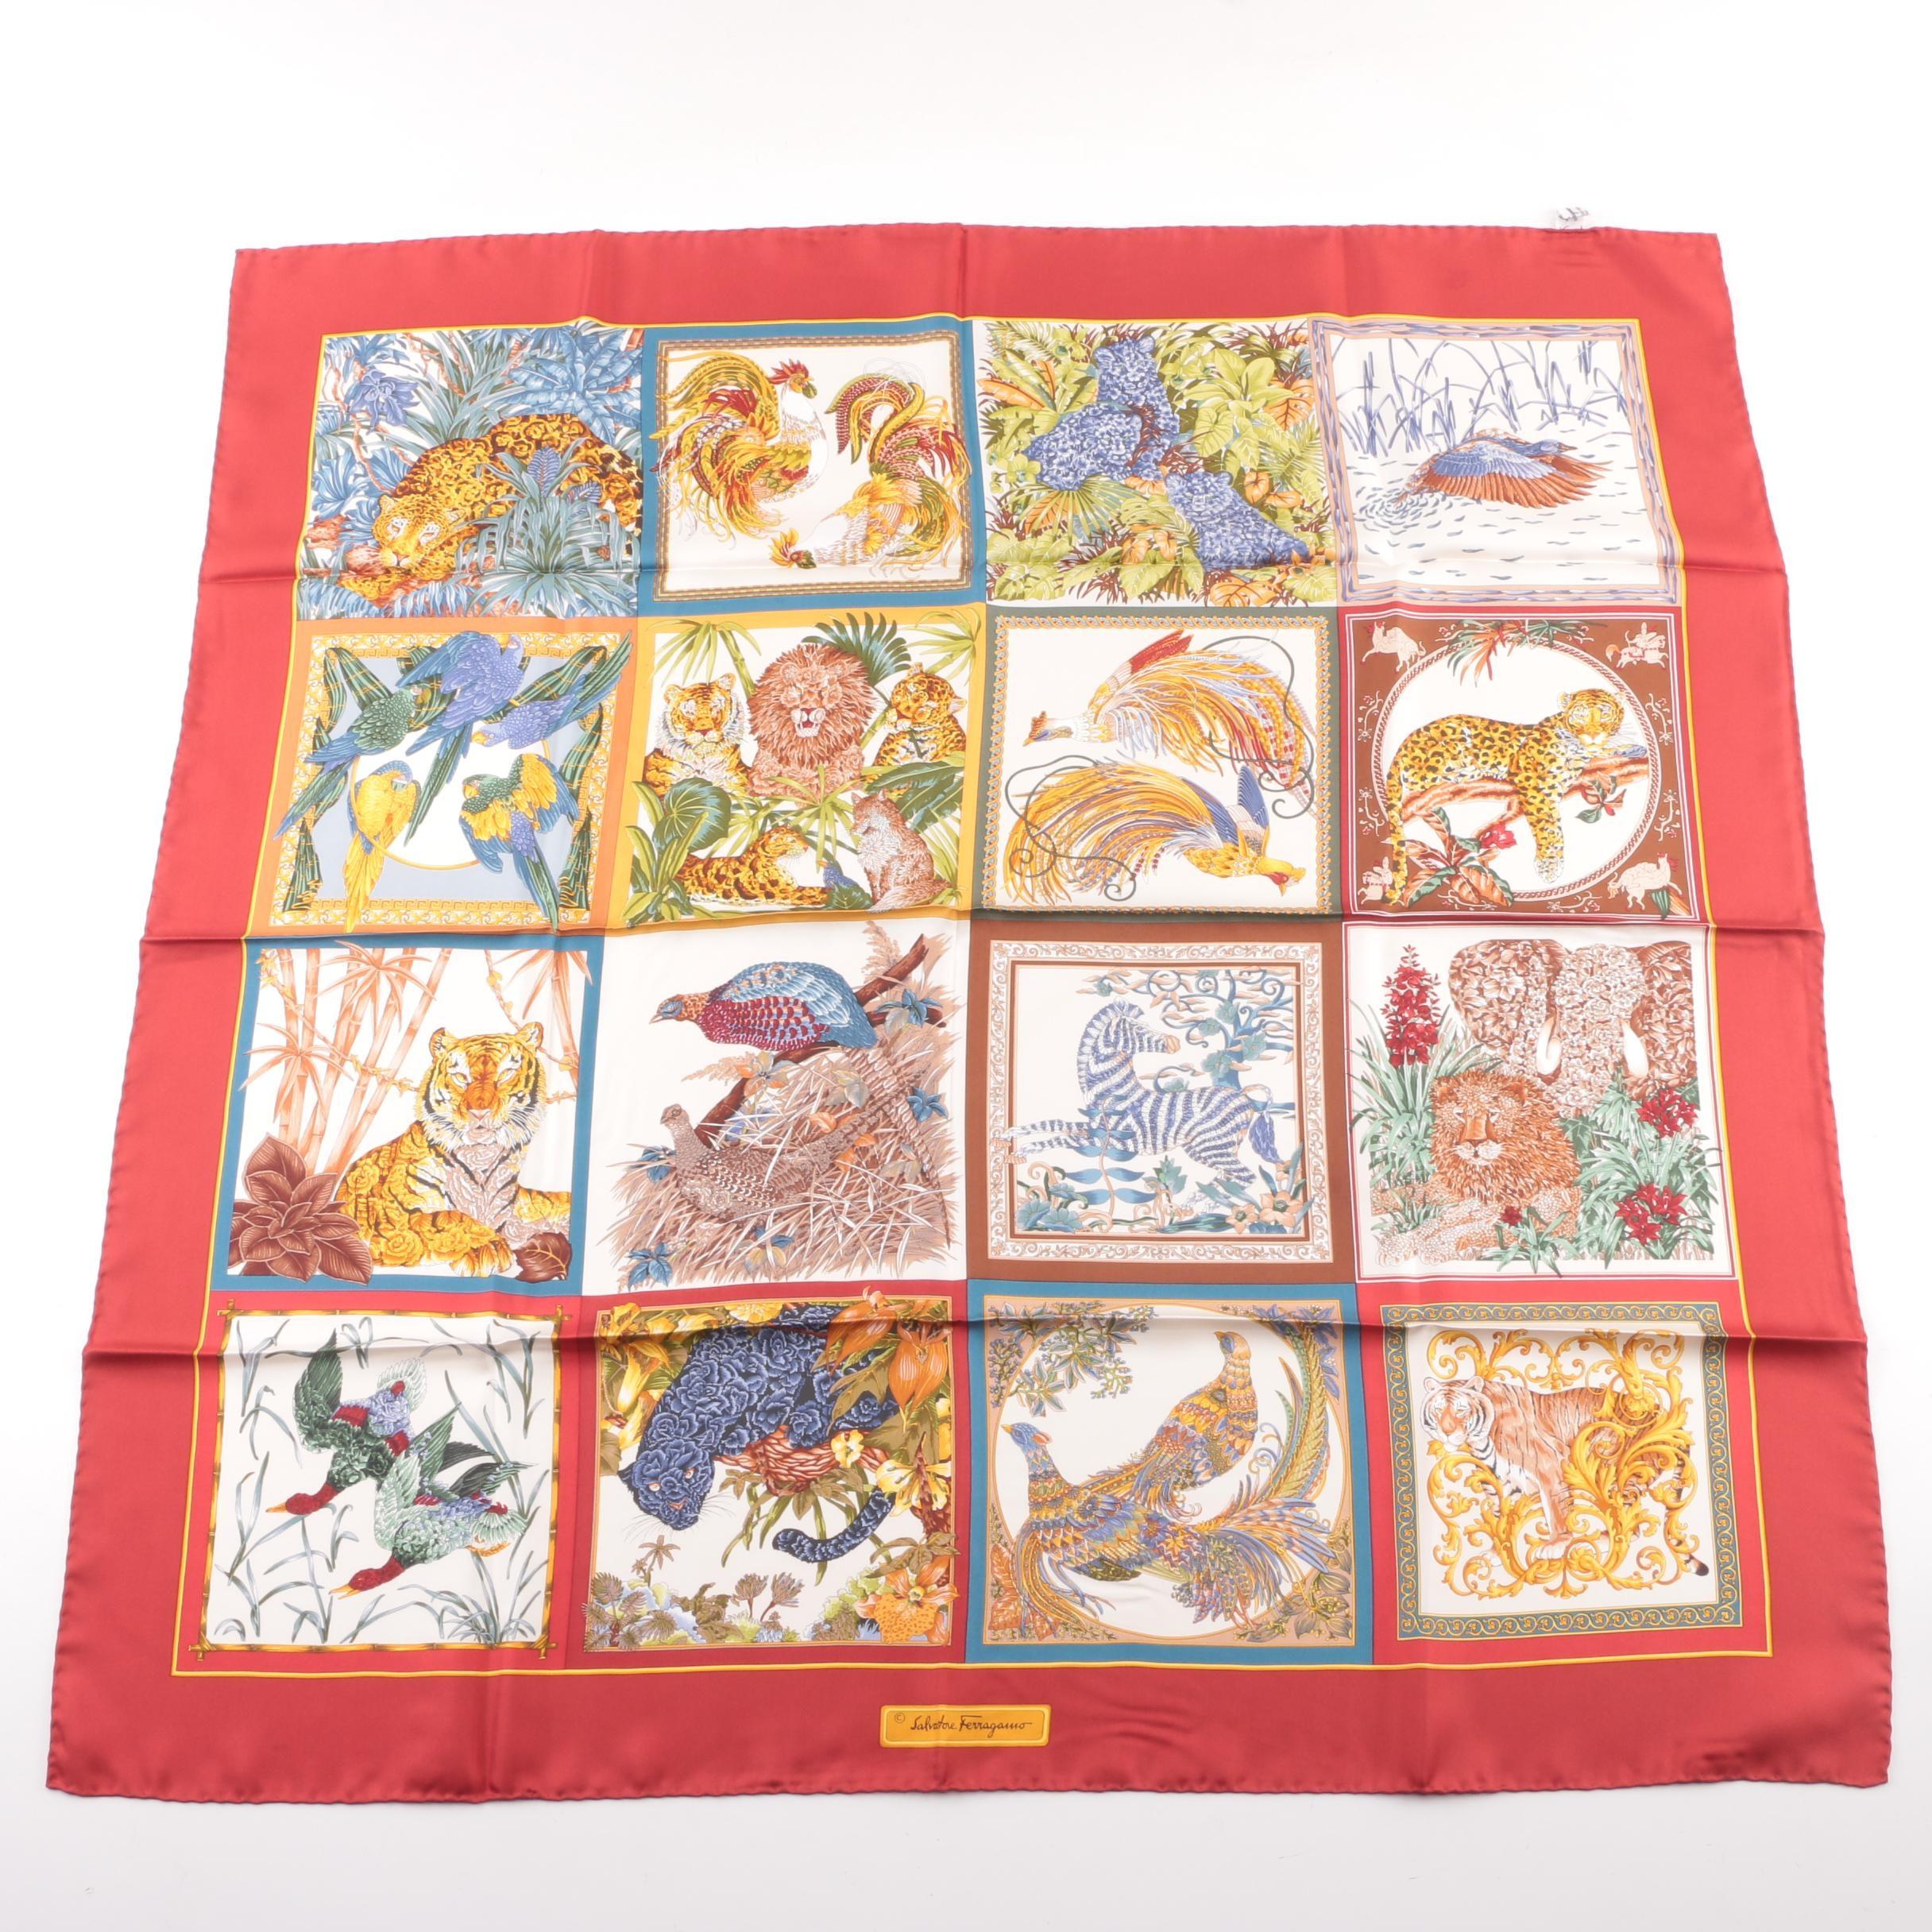 Vintage Salvatore Ferragamo Multicolored Animal Print Silk Fashion Scarf